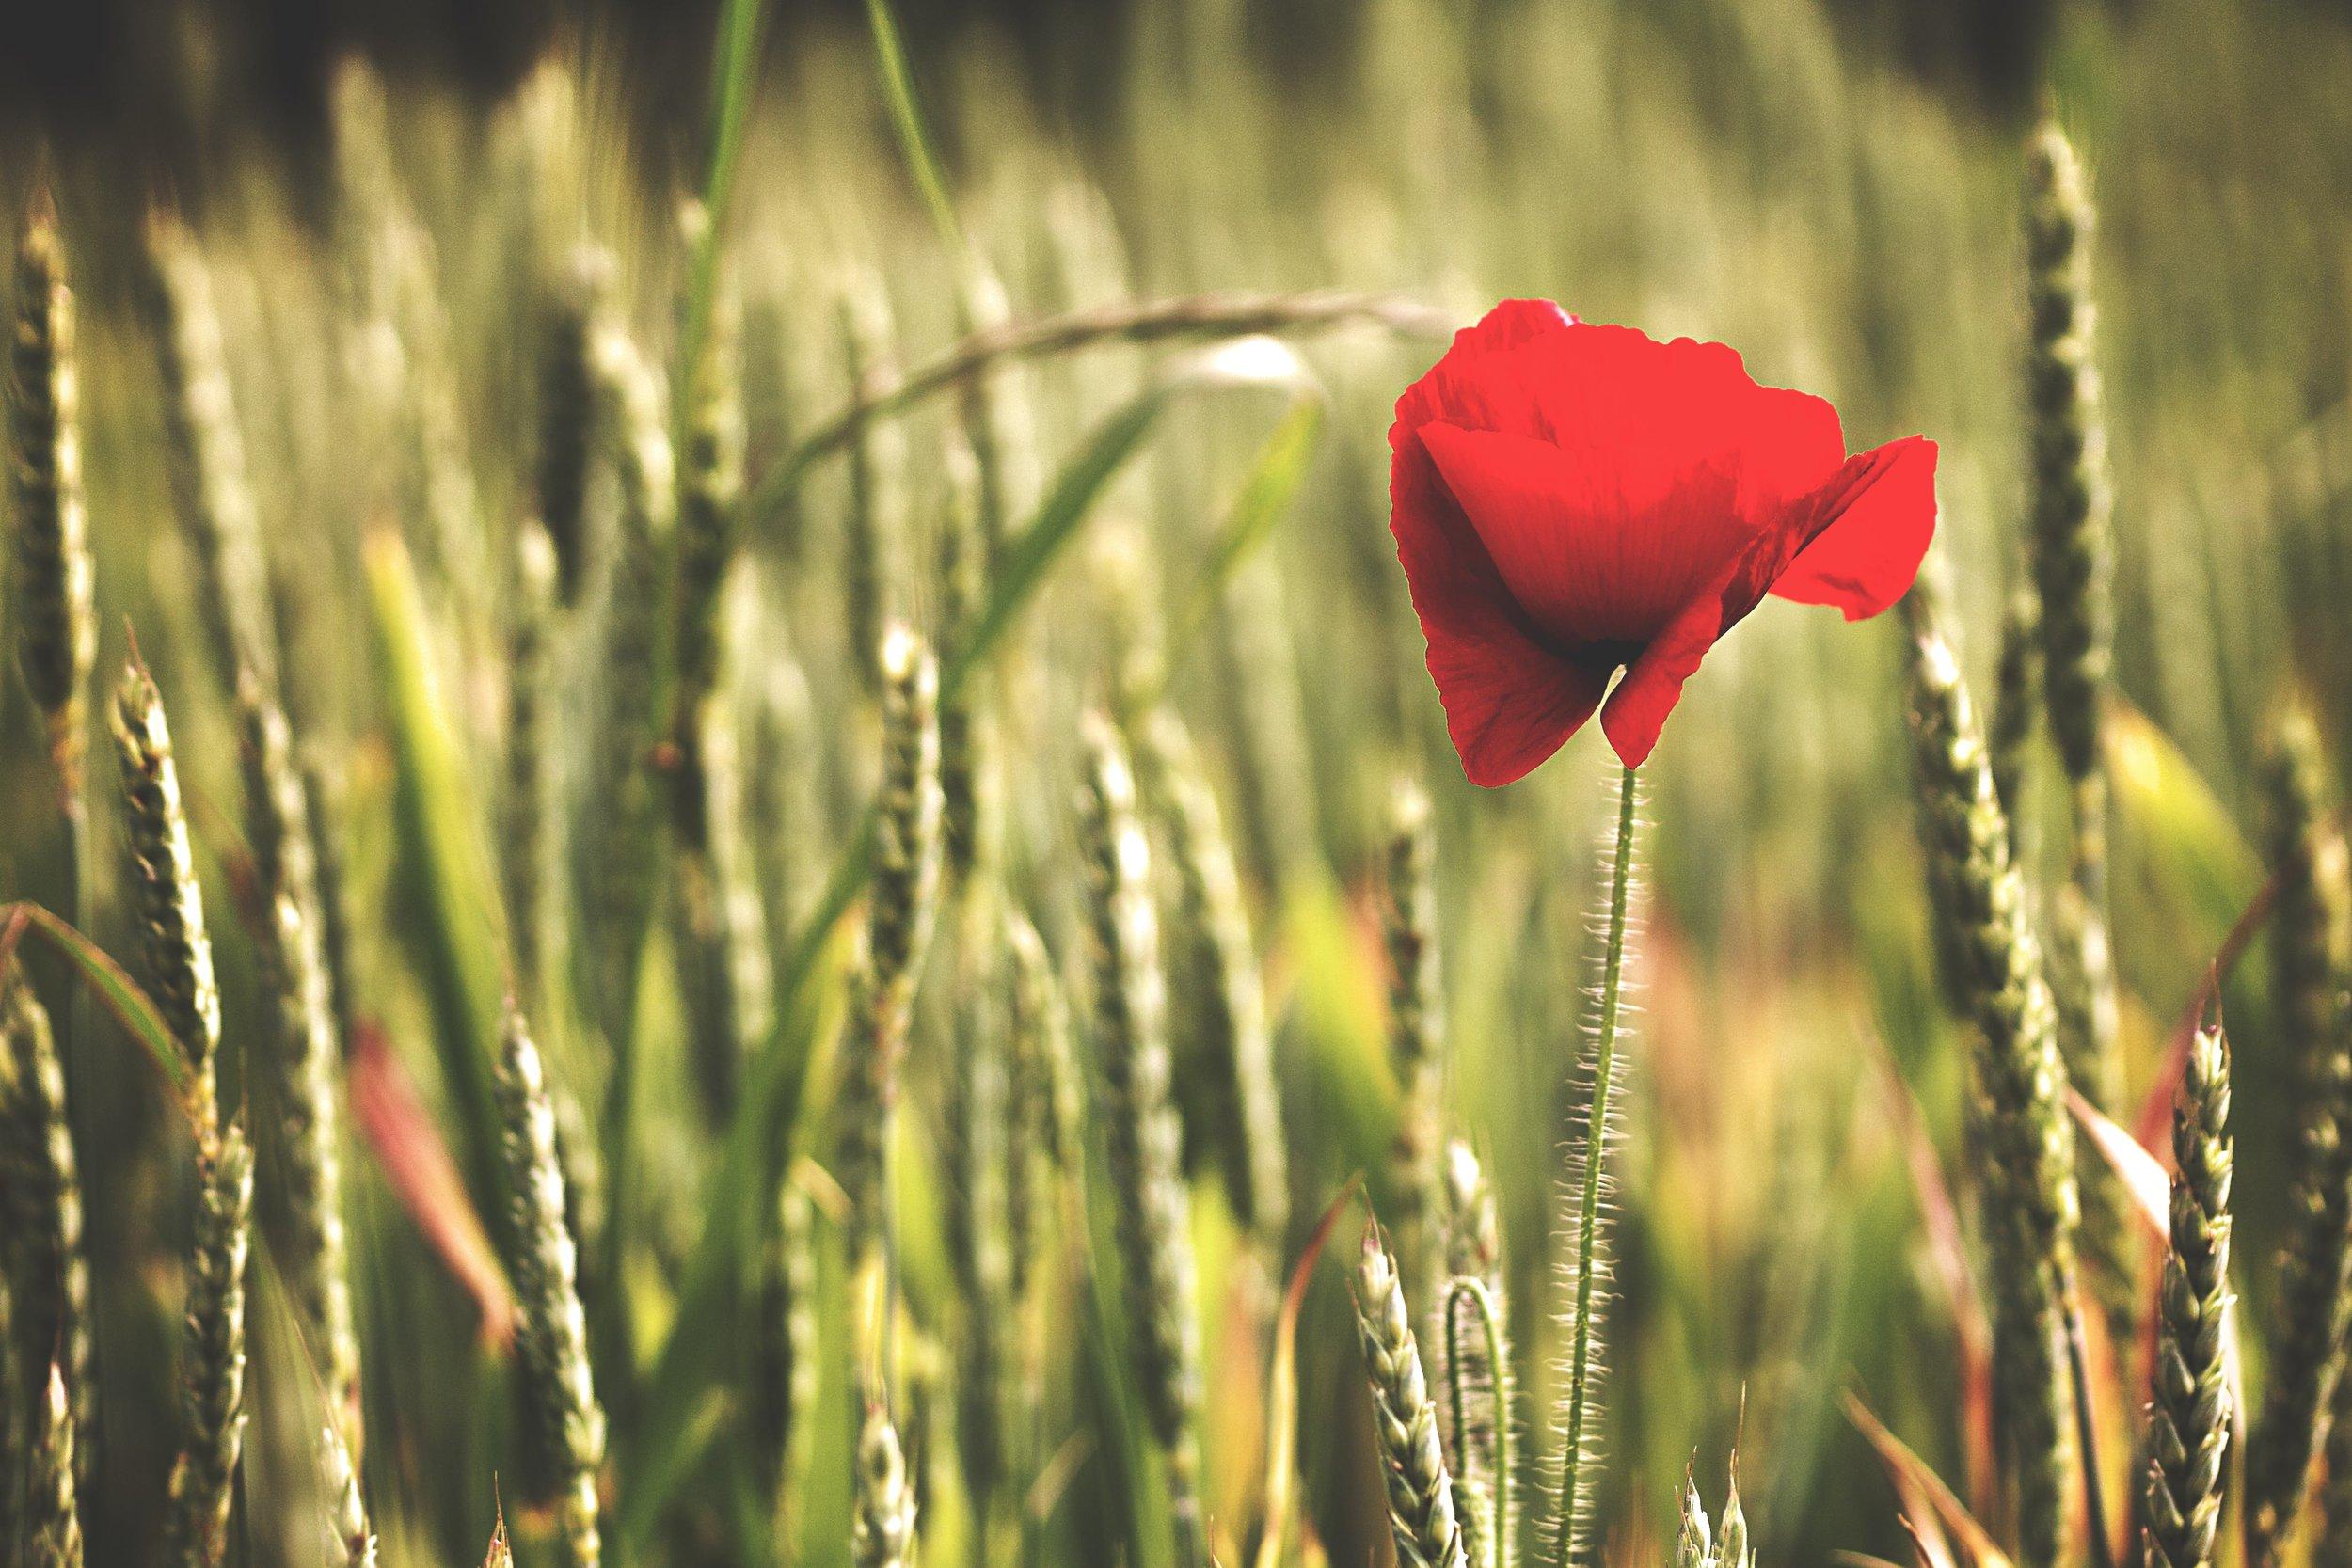 red-poppy-in-wheat-field.jpg